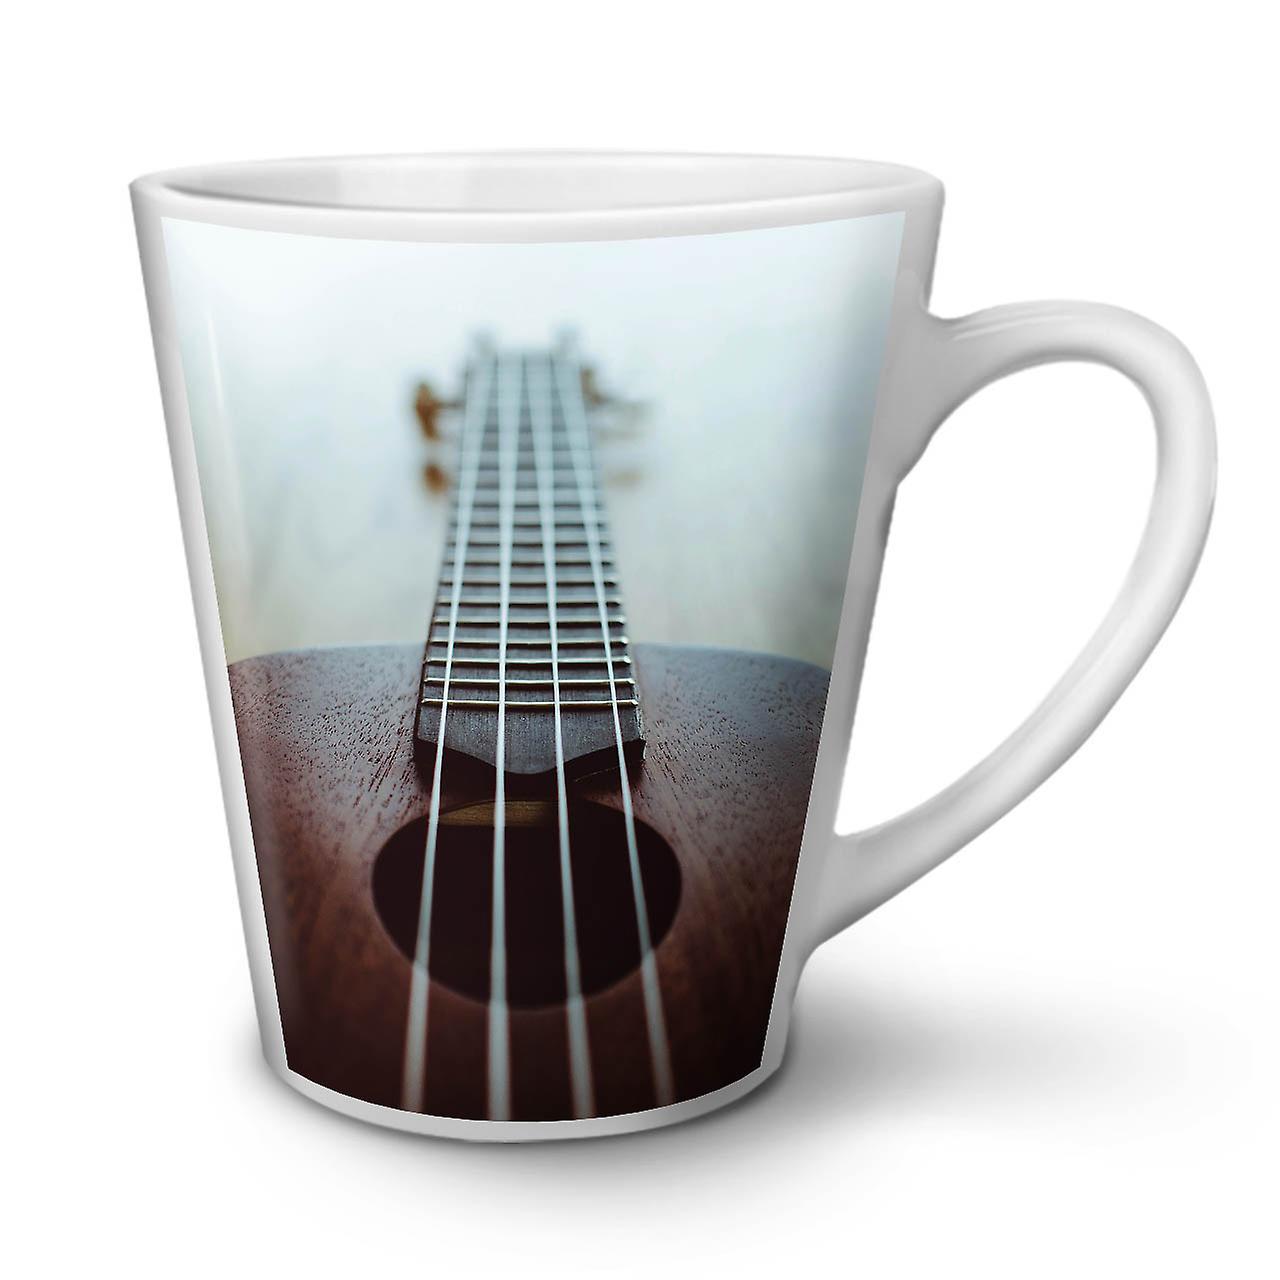 Céramique Thé Cordes OzWellcoda Nouveau Mug Art Blanc Pour Guitare 12 En Latte Musique Café q3jL4A5R